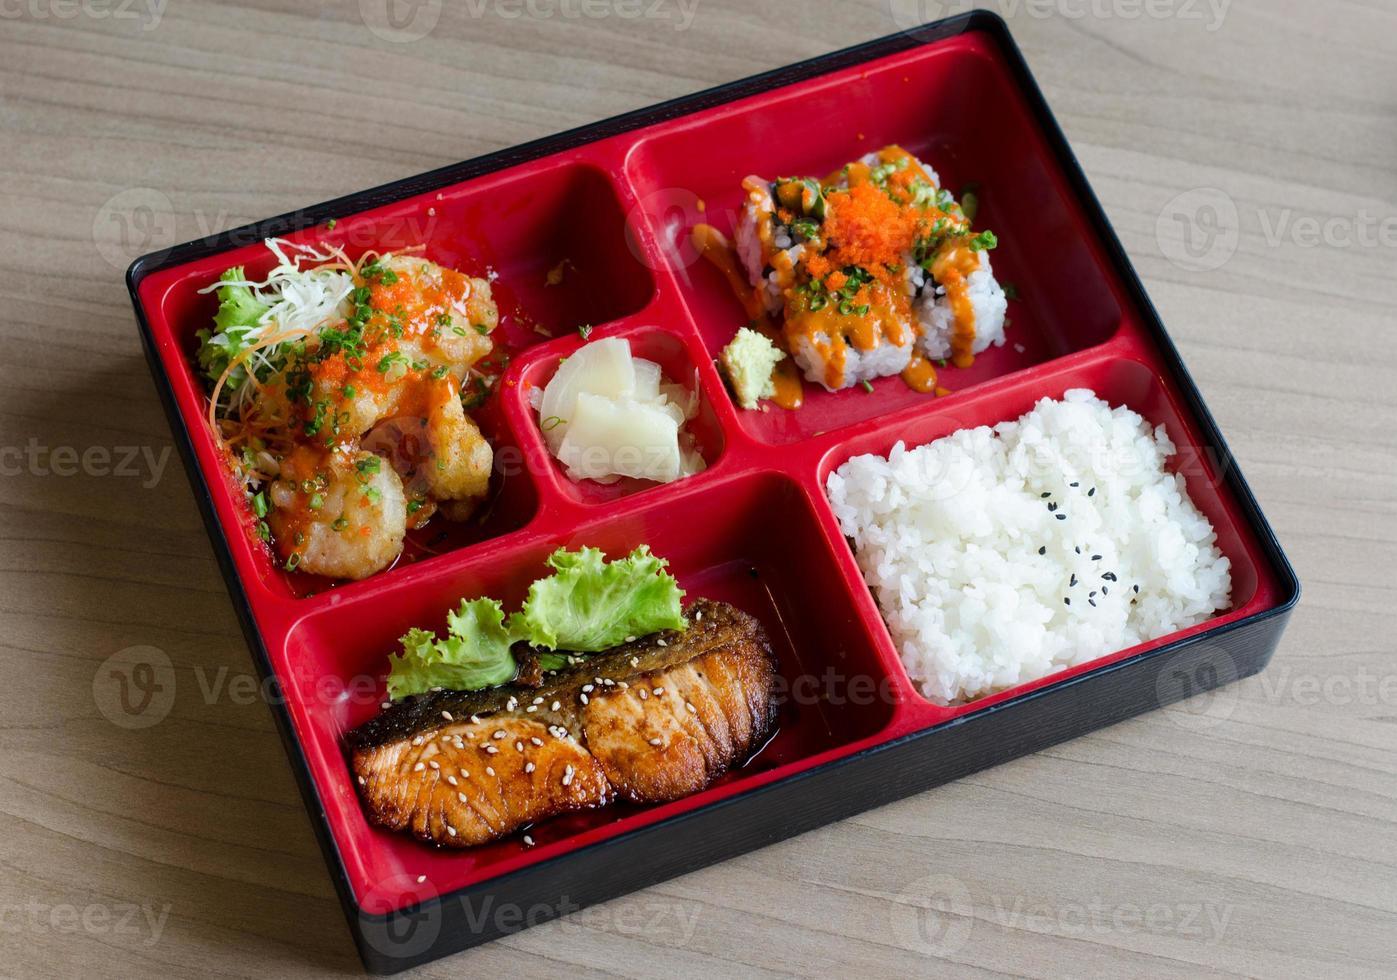 caixa bento com rolo e salmão foto